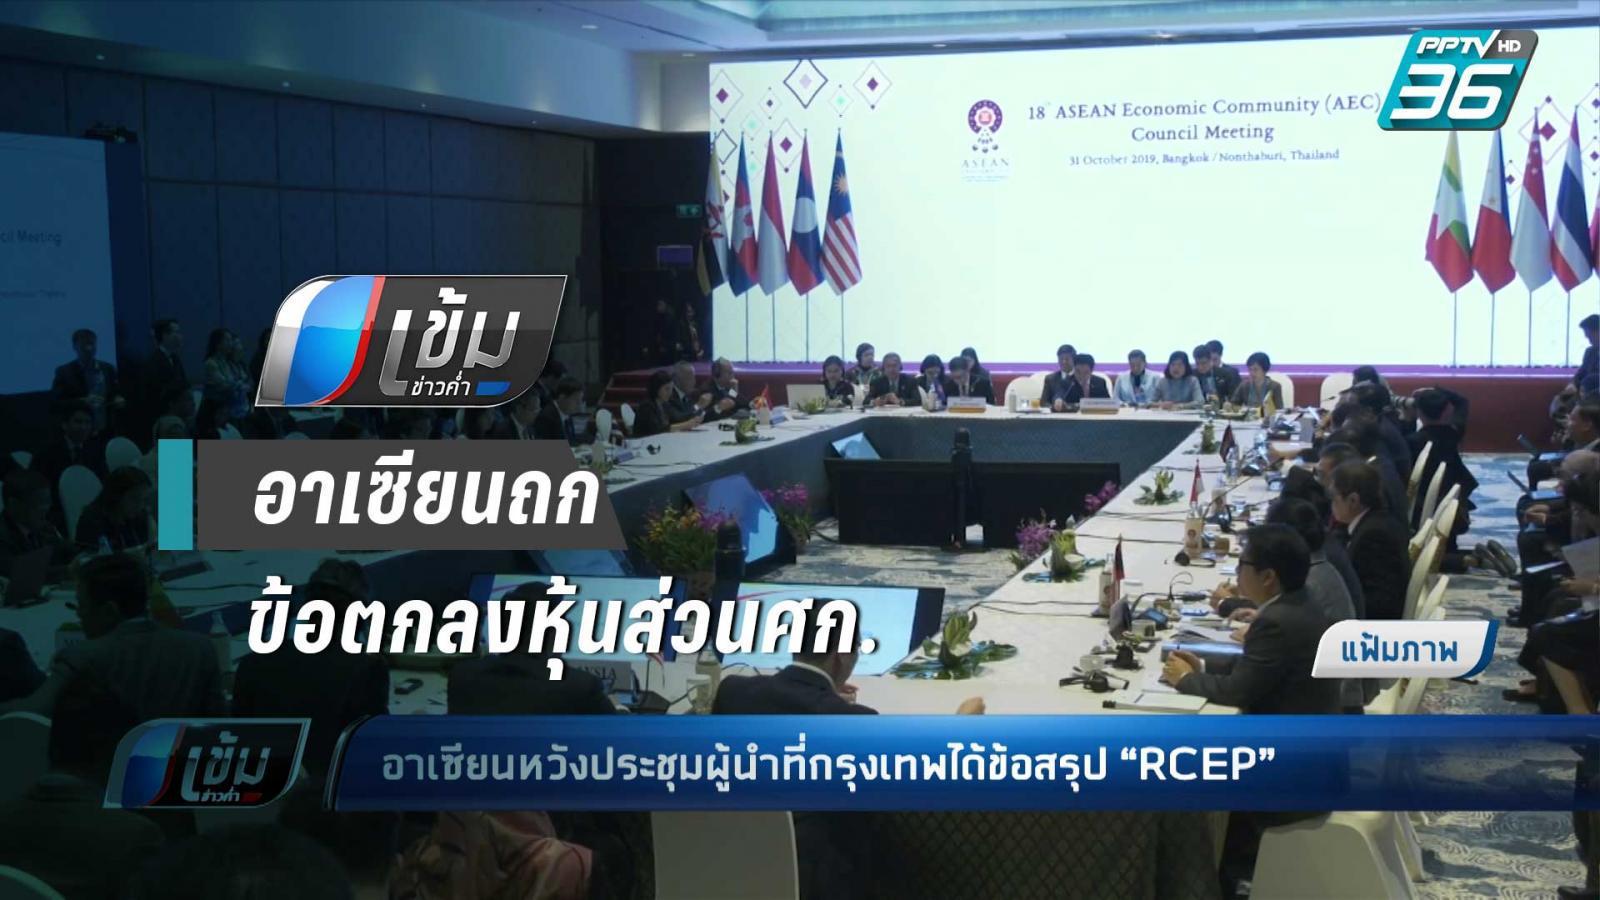 อาเซียนหวังประชุมผู้นำที่กรุงเทพได้ข้อสรุป RCEP